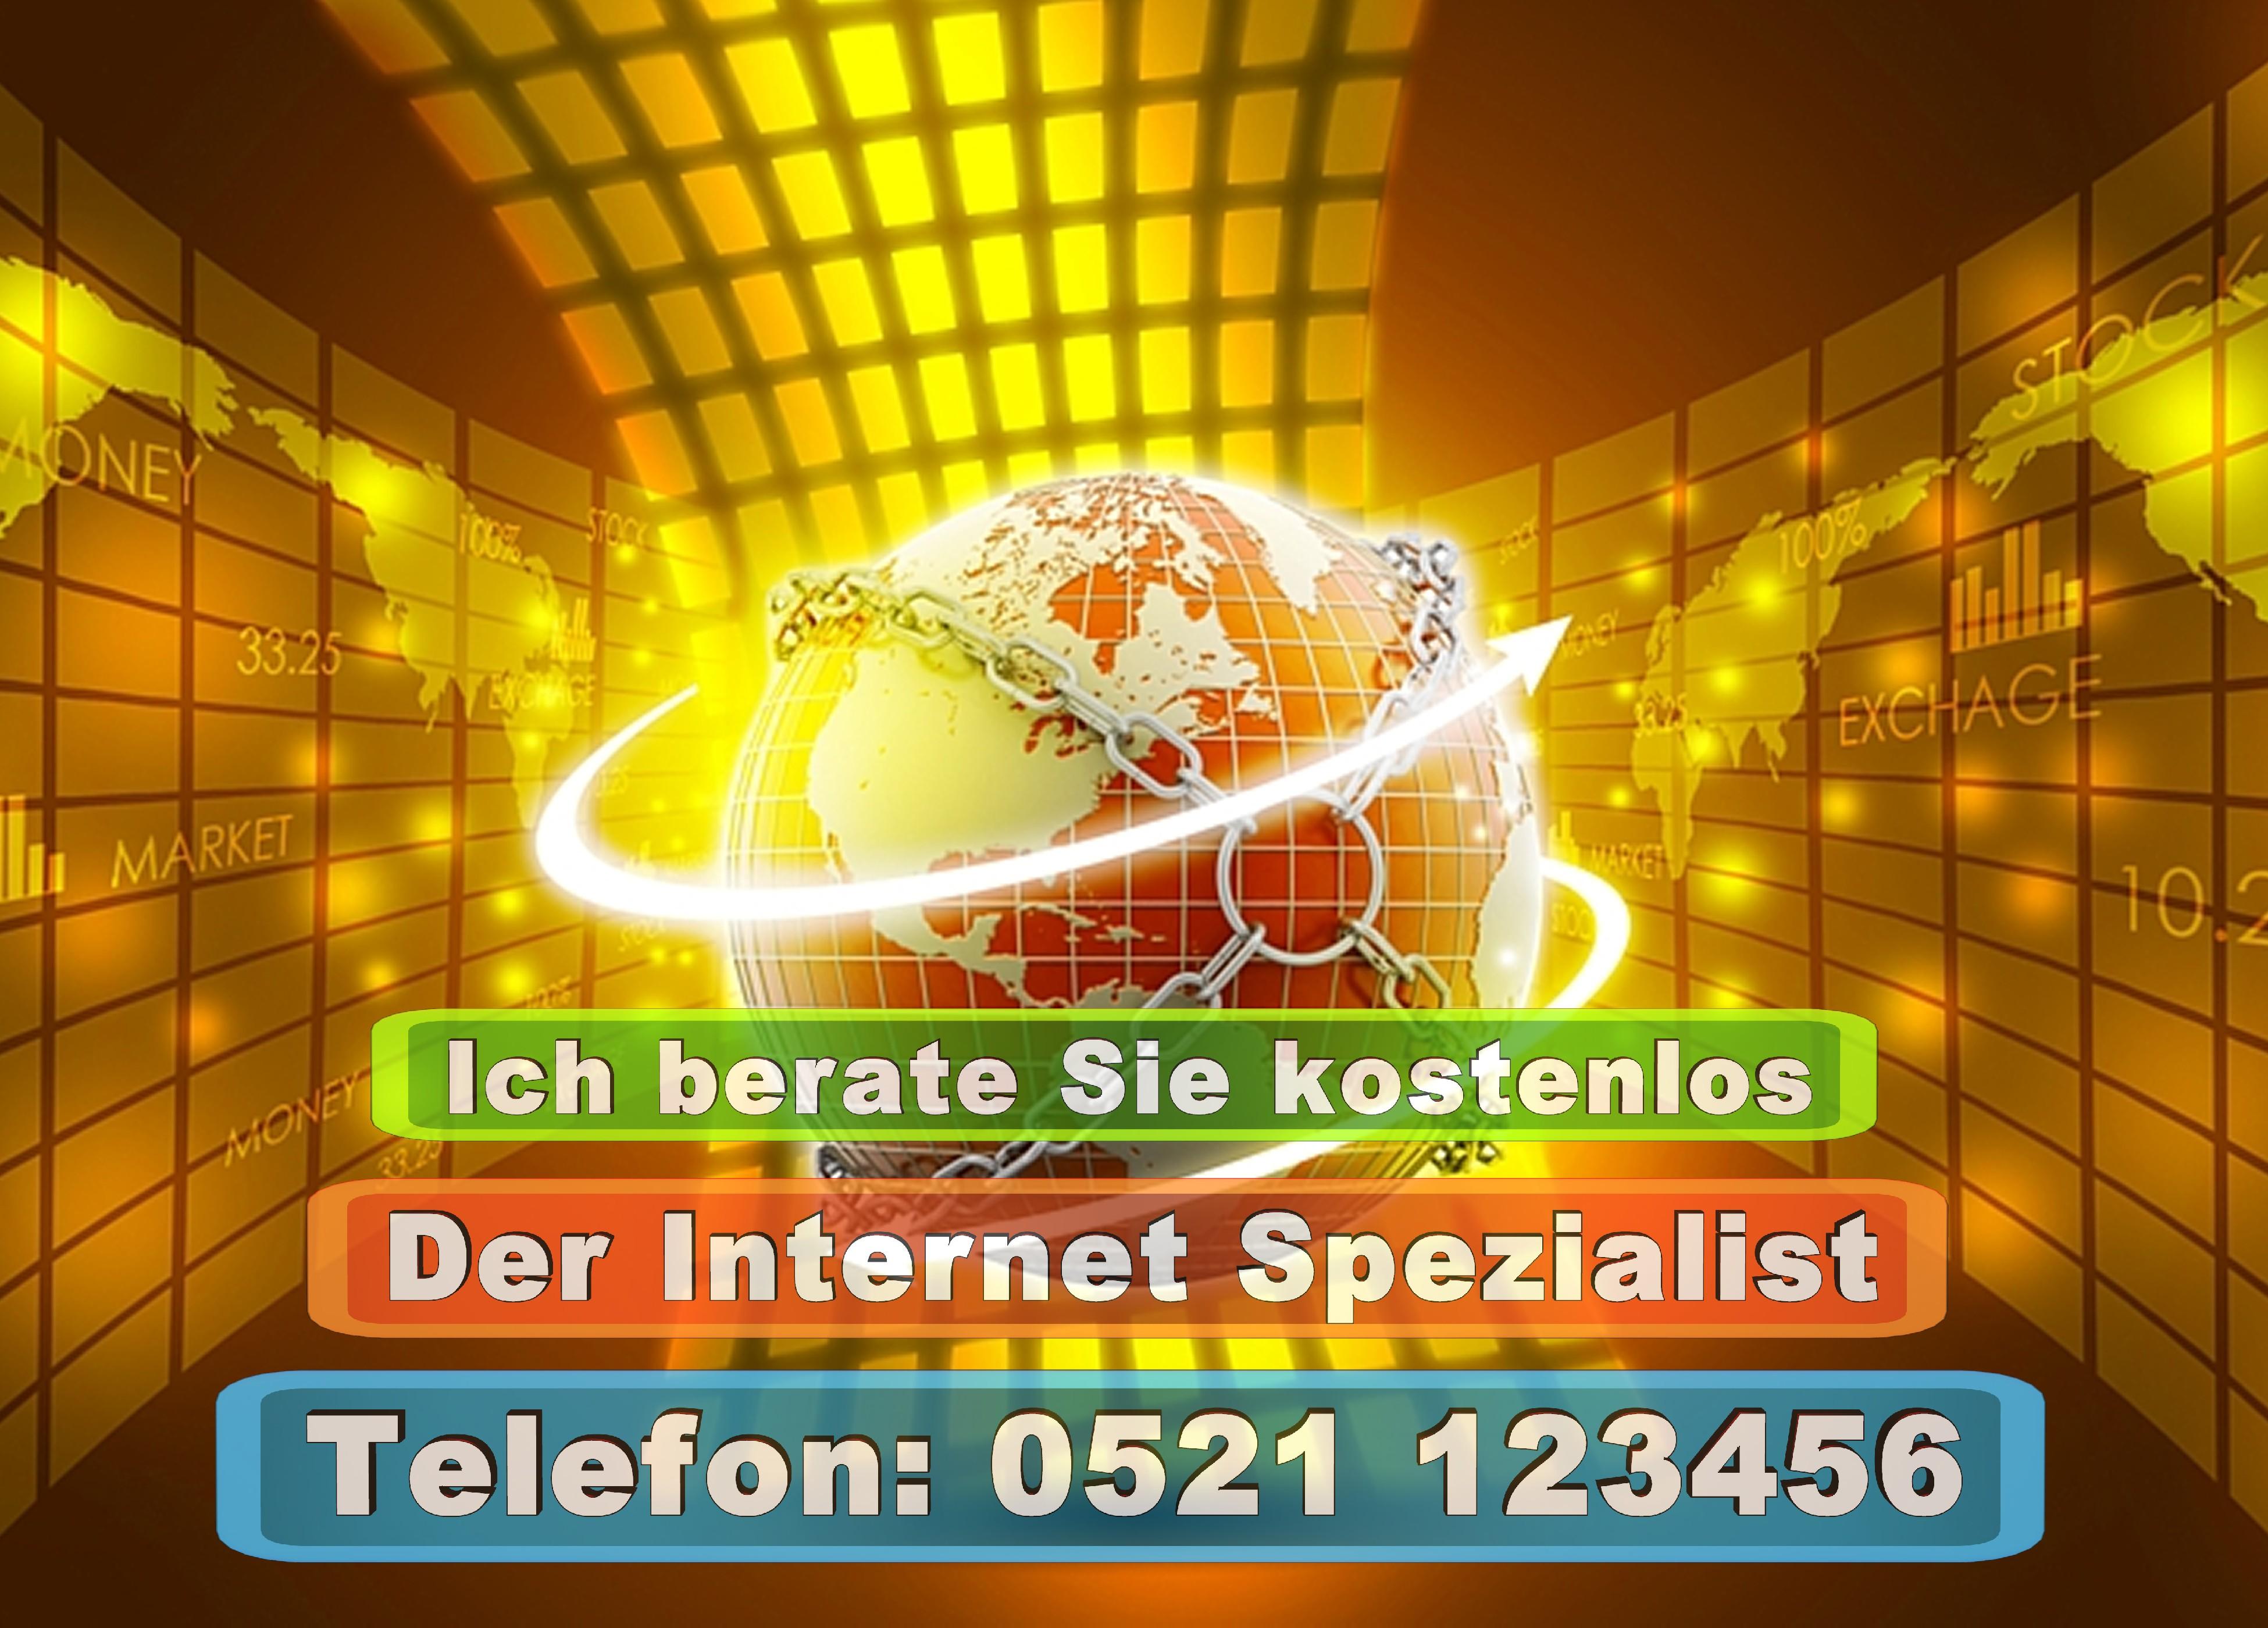 Werbeagentur Bielefeld Druckerei Bielefeld Prospekte Zeitung Visitenkarten Poster Werbung Print Presse Druck Fotografie Fotos Internet (12)